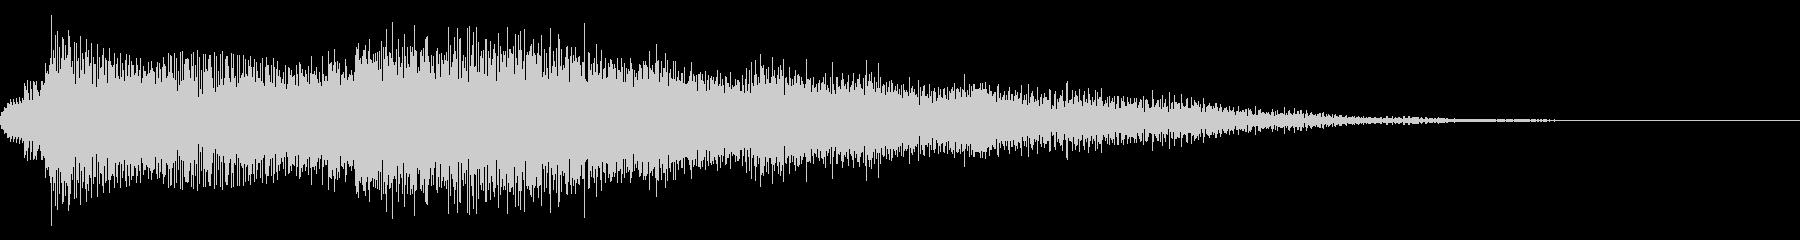 エレピの音色が厳かなサウンドロゴの未再生の波形